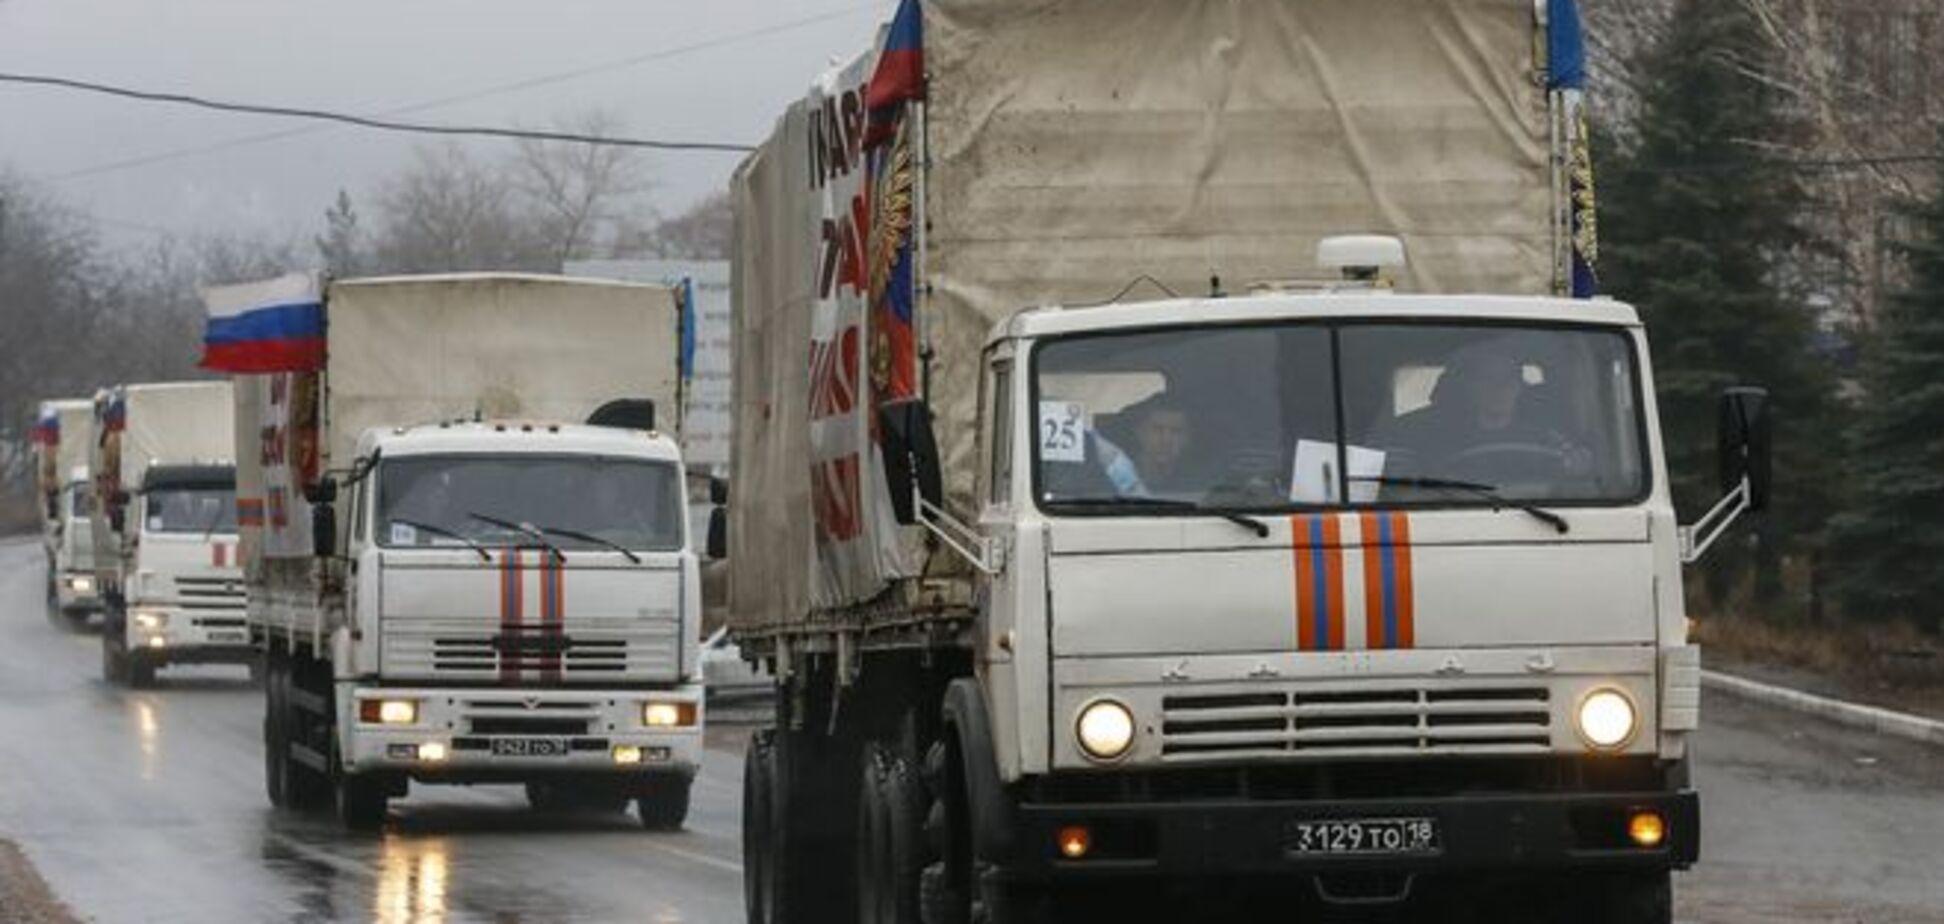 Семнадцатый 'гумконвой' вернулся в Россию. Готовят следующий